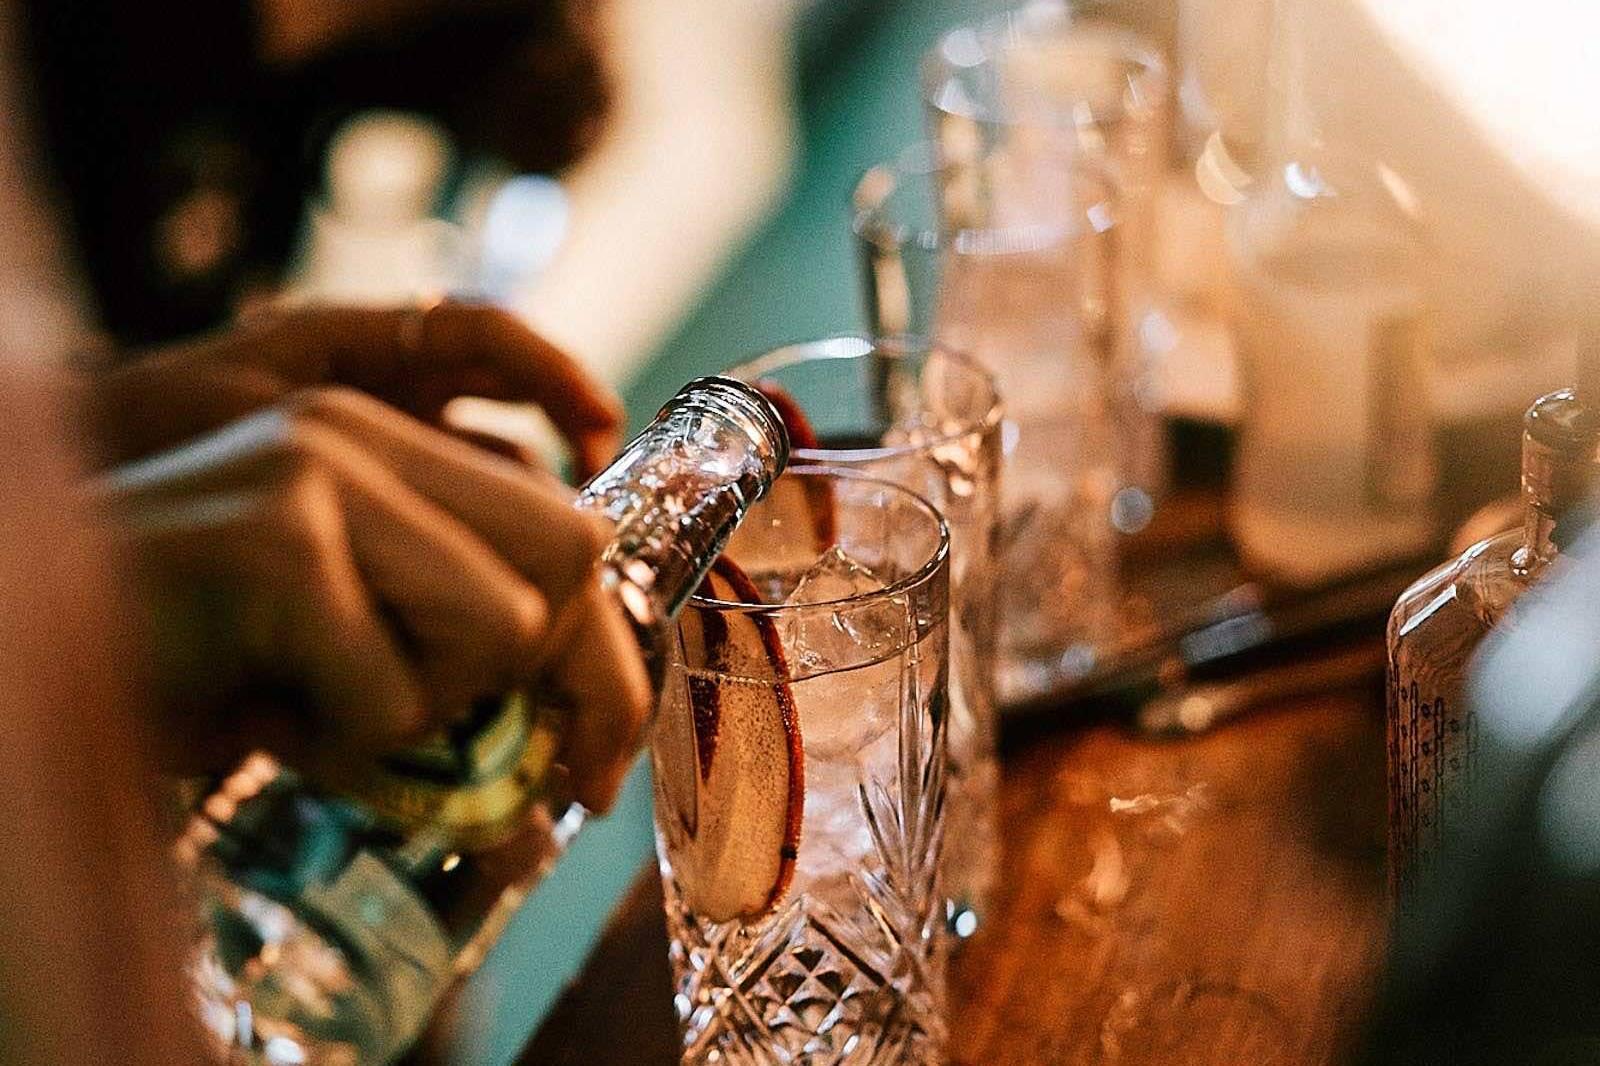 Mobile | Cocktailbar | Hamburg | Hochzeit | Sektempfang | Barkeeper | Mieten | Buchen | Geburtstag | Ape | VW | Bar | Getränke | Catering | Foodtruck | Weinbar | Ginbar | Sektbar | Kaffeebar | Messe | Hamburgfeiert